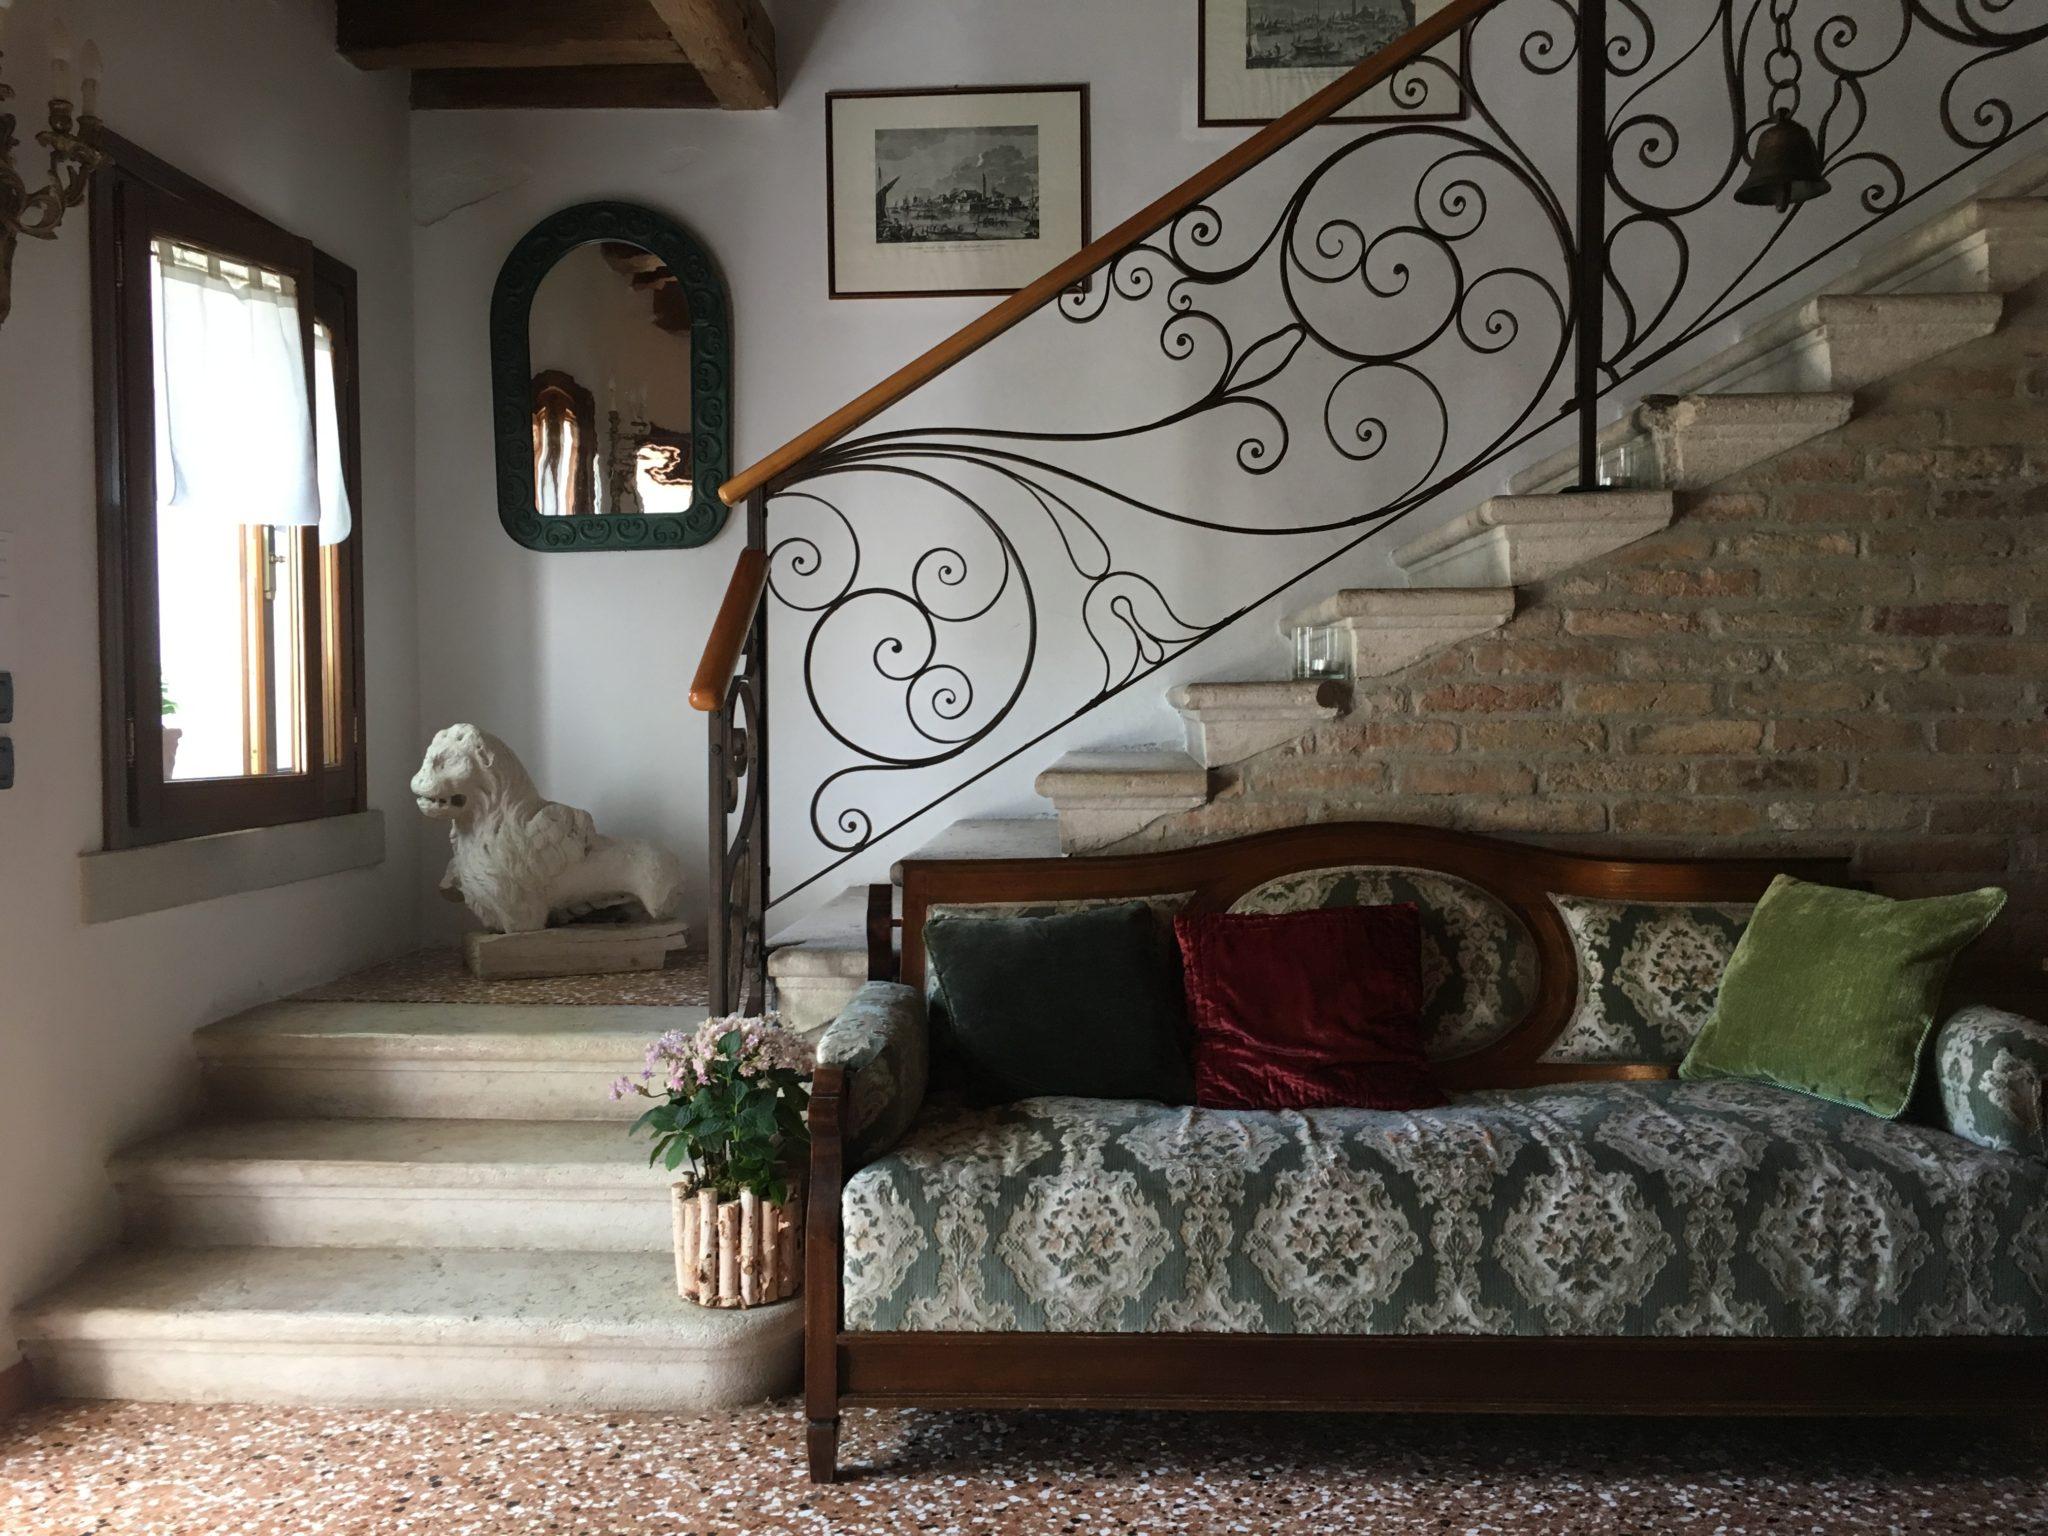 Un'antica casa del dazio del 1600, oggi è un b&b con locanda alle porte di Jesolo. Un luogo per viandanti, dove rallentare e scorrere al tempo della laguna